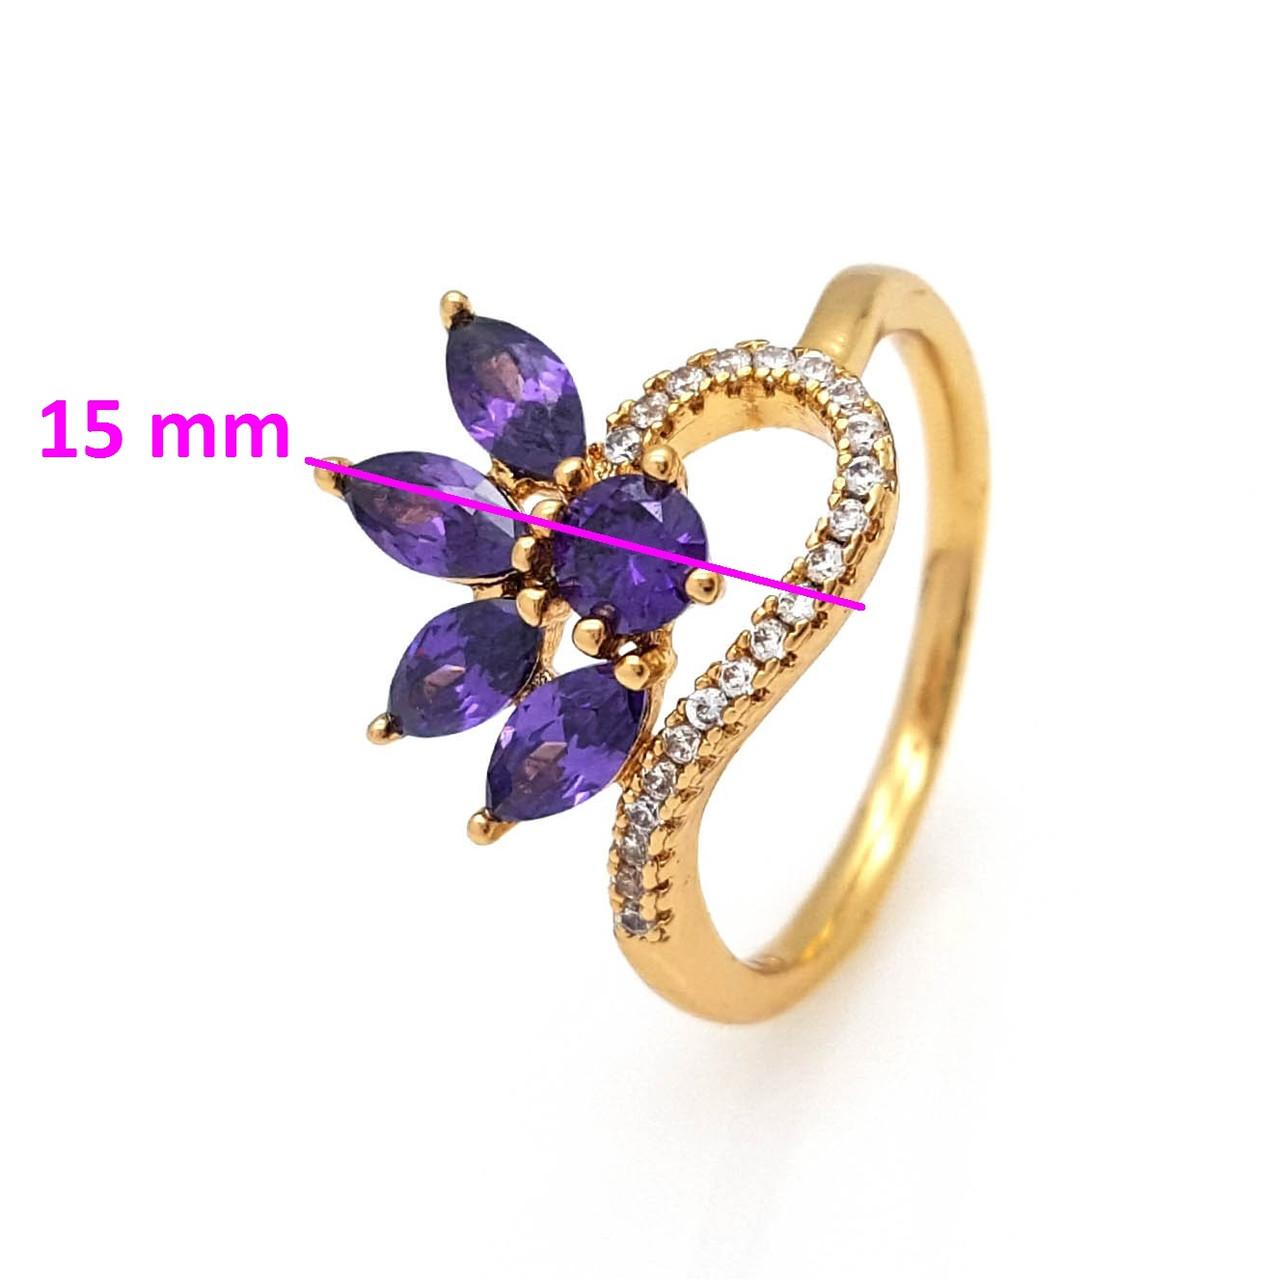 Кольцо Цветок с фиолетовым цирконием, p. 18, р. 18,5, медицинское золото, 18К